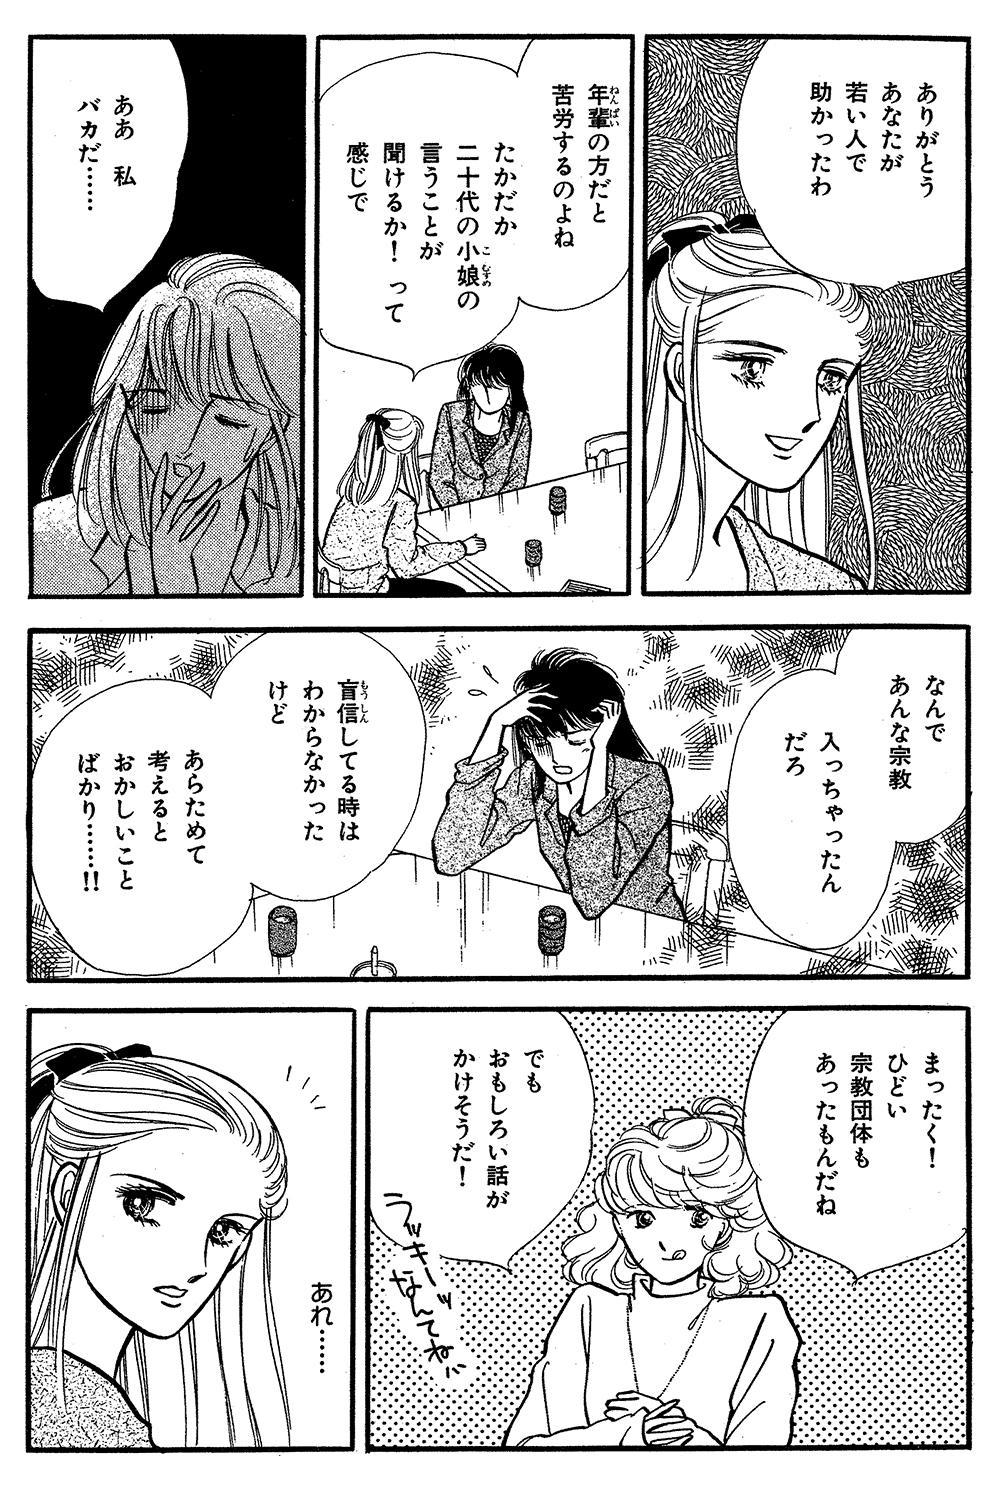 魔百合の恐怖報告  第3話「消えた黒猫」③mayuri09-04.jpg